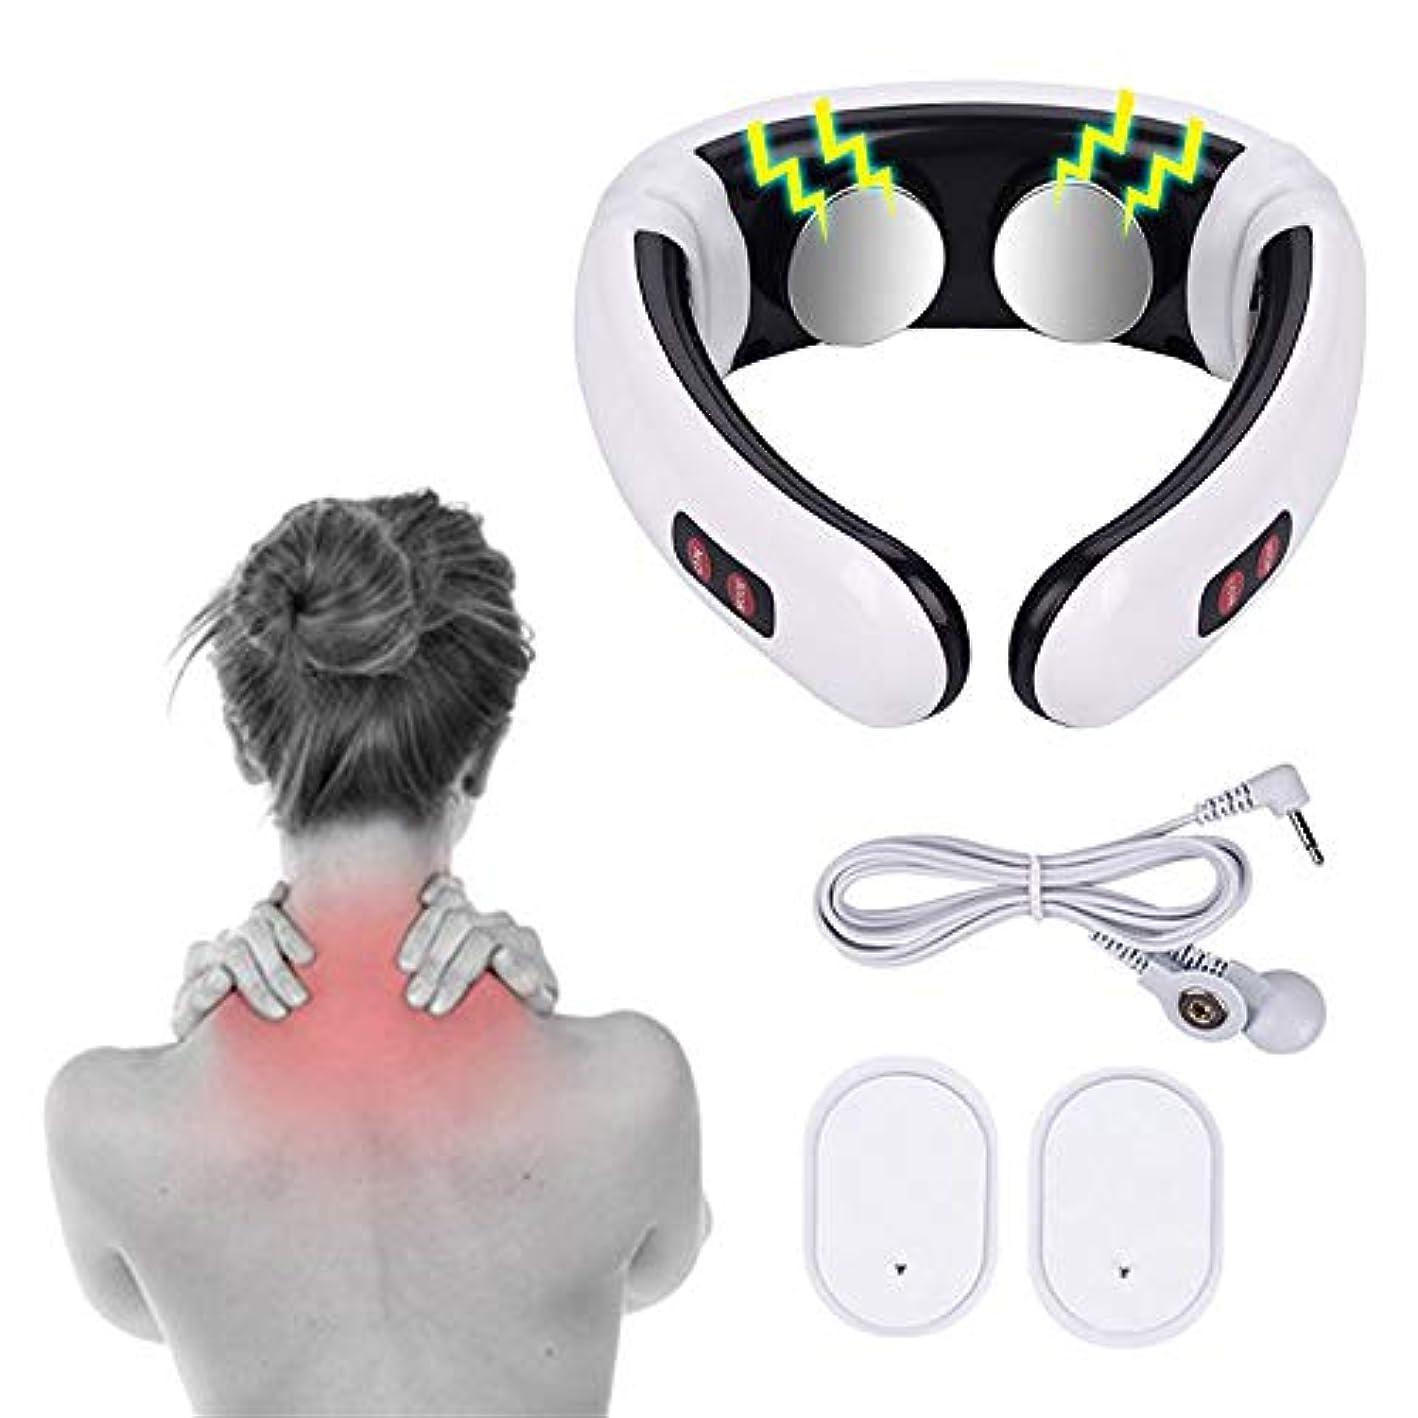 悔い改め宣言する余暇1 PC Electric Pulse Back and Neck Massager Far Infrared Pain Relief Tool Health Care Relaxation Multifunctional...